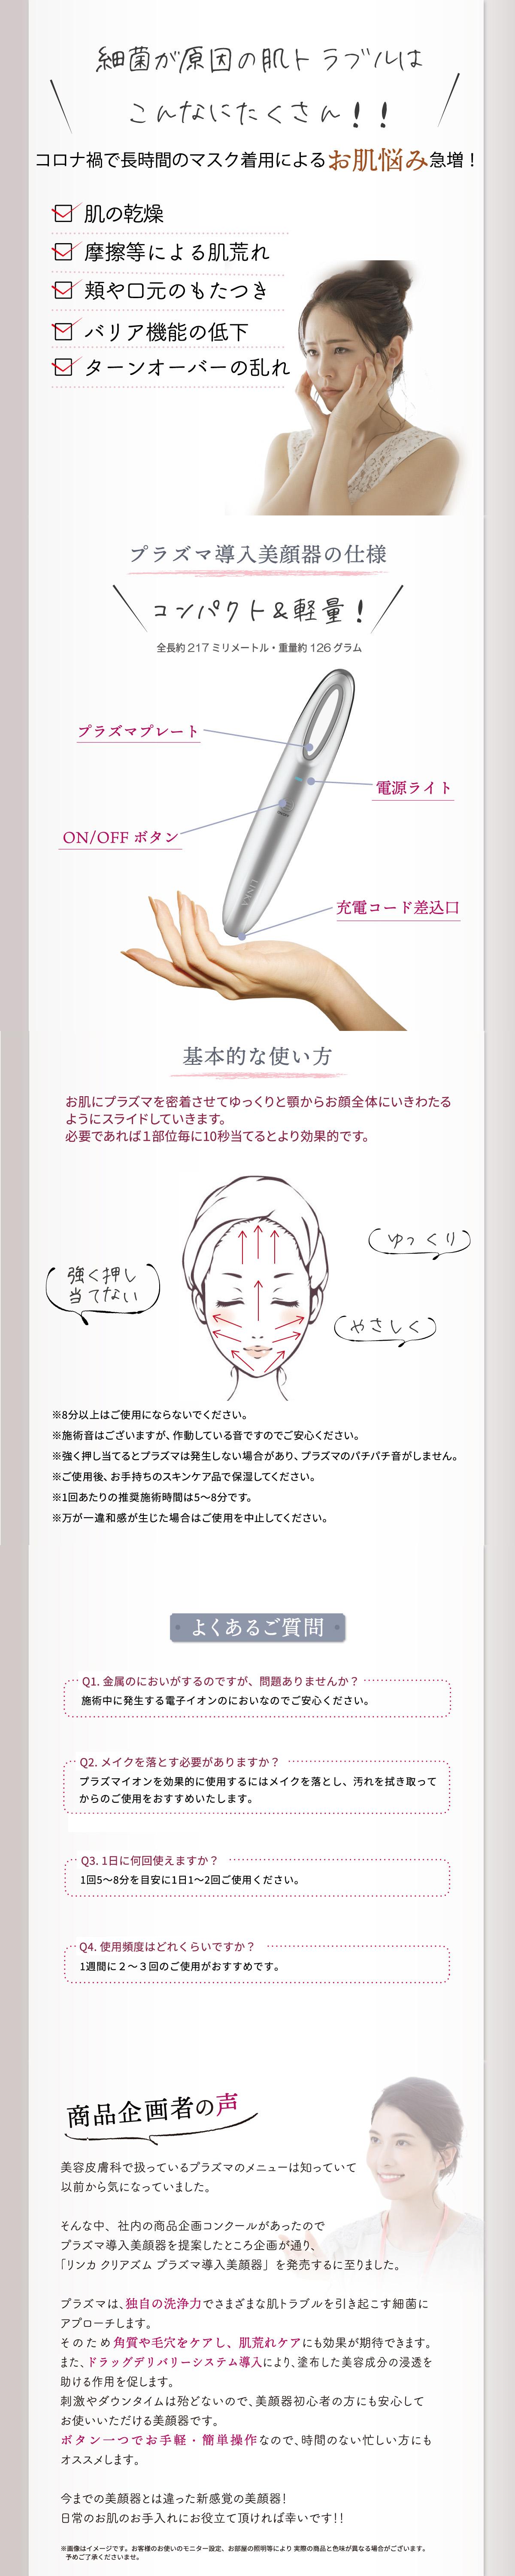 リンカ クリアズム プラズマ導入美顔器 商品画像